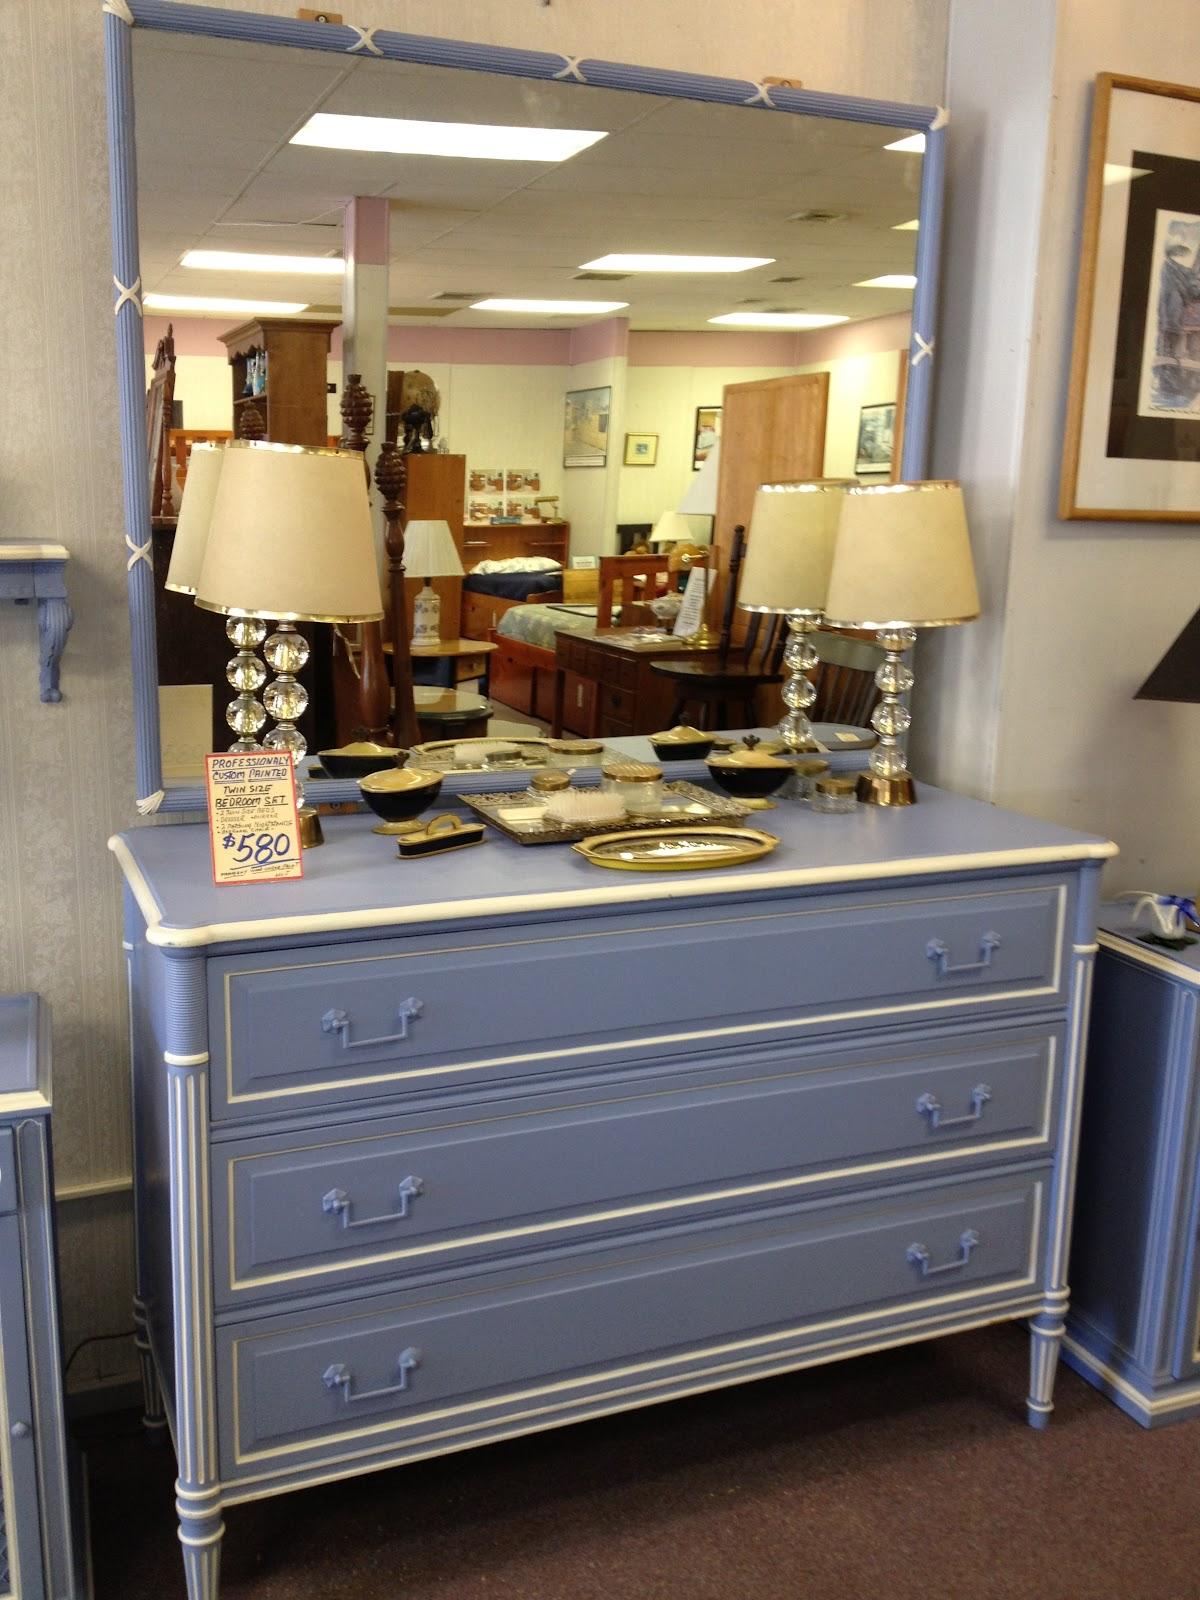 charming antique white wash furniture | C. Dianne Zweig - Kitsch 'n Stuff: Charming French Blue ...